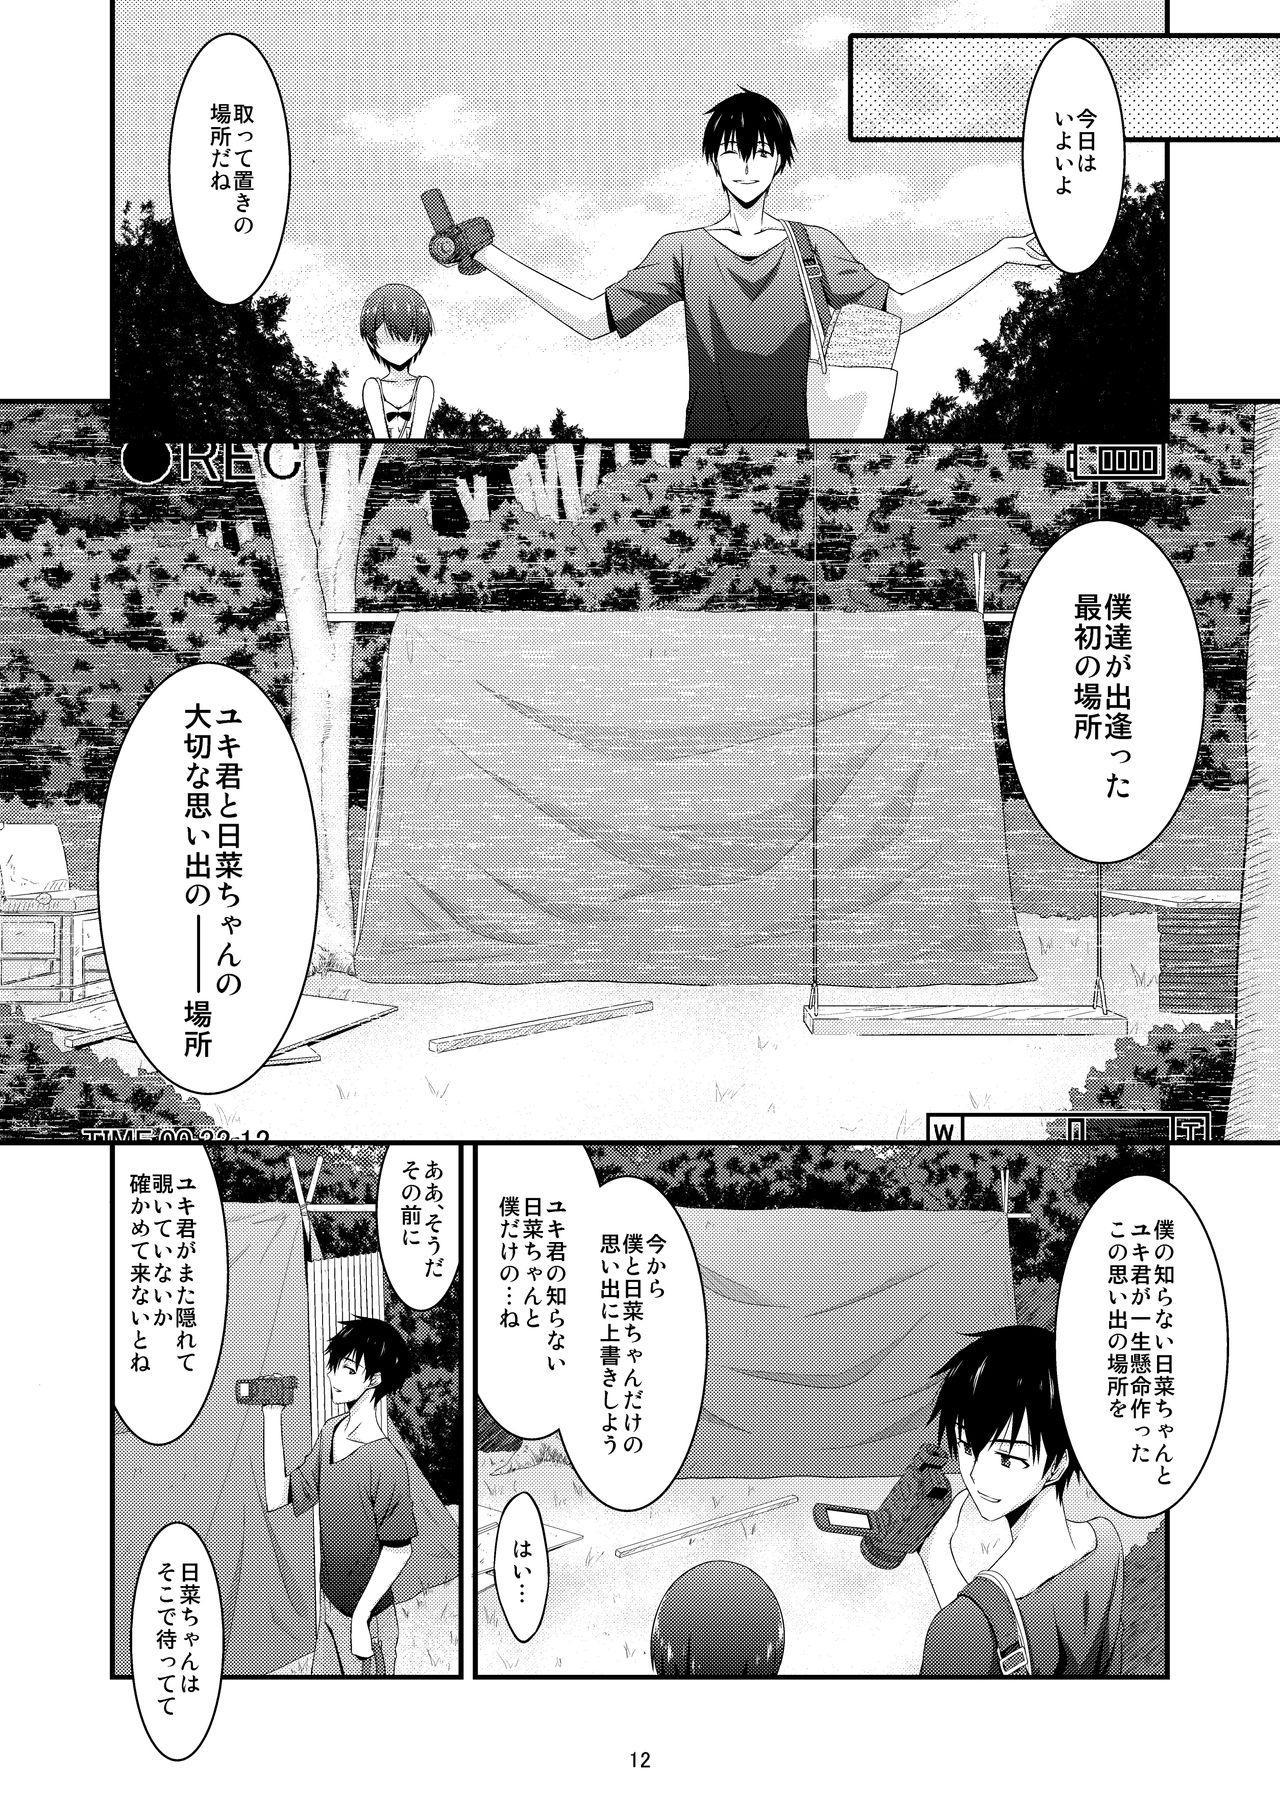 Anoko ga Aitsu no Omocha ni Natta Hi Kanzaki Hina Hen AFTER 11